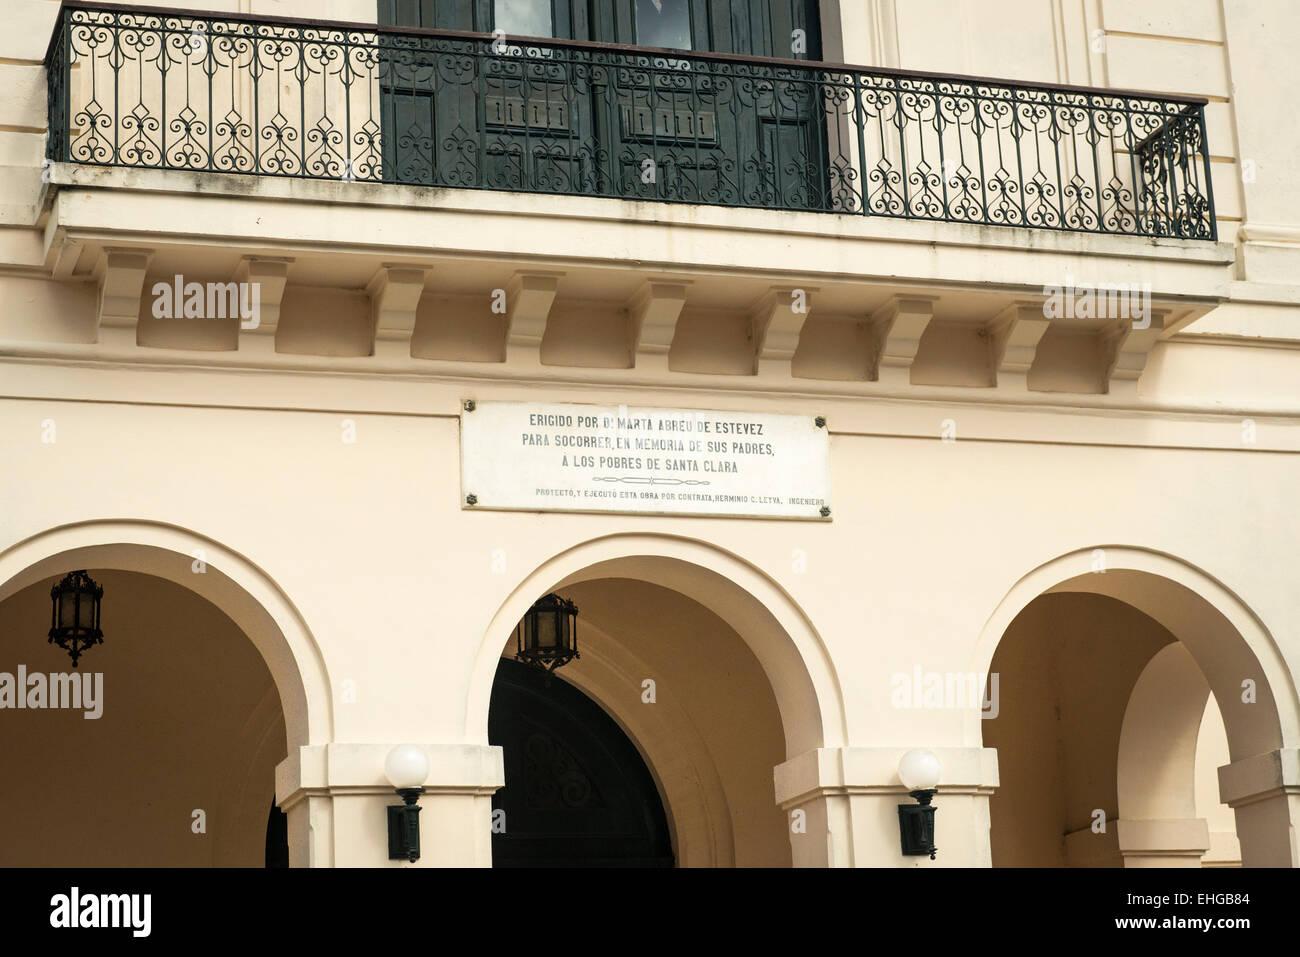 Cuba Santa Clara Parque Vidal dedication plaque for US USA American philanthropist heiress Marta Abreu de Estevez - Stock Image